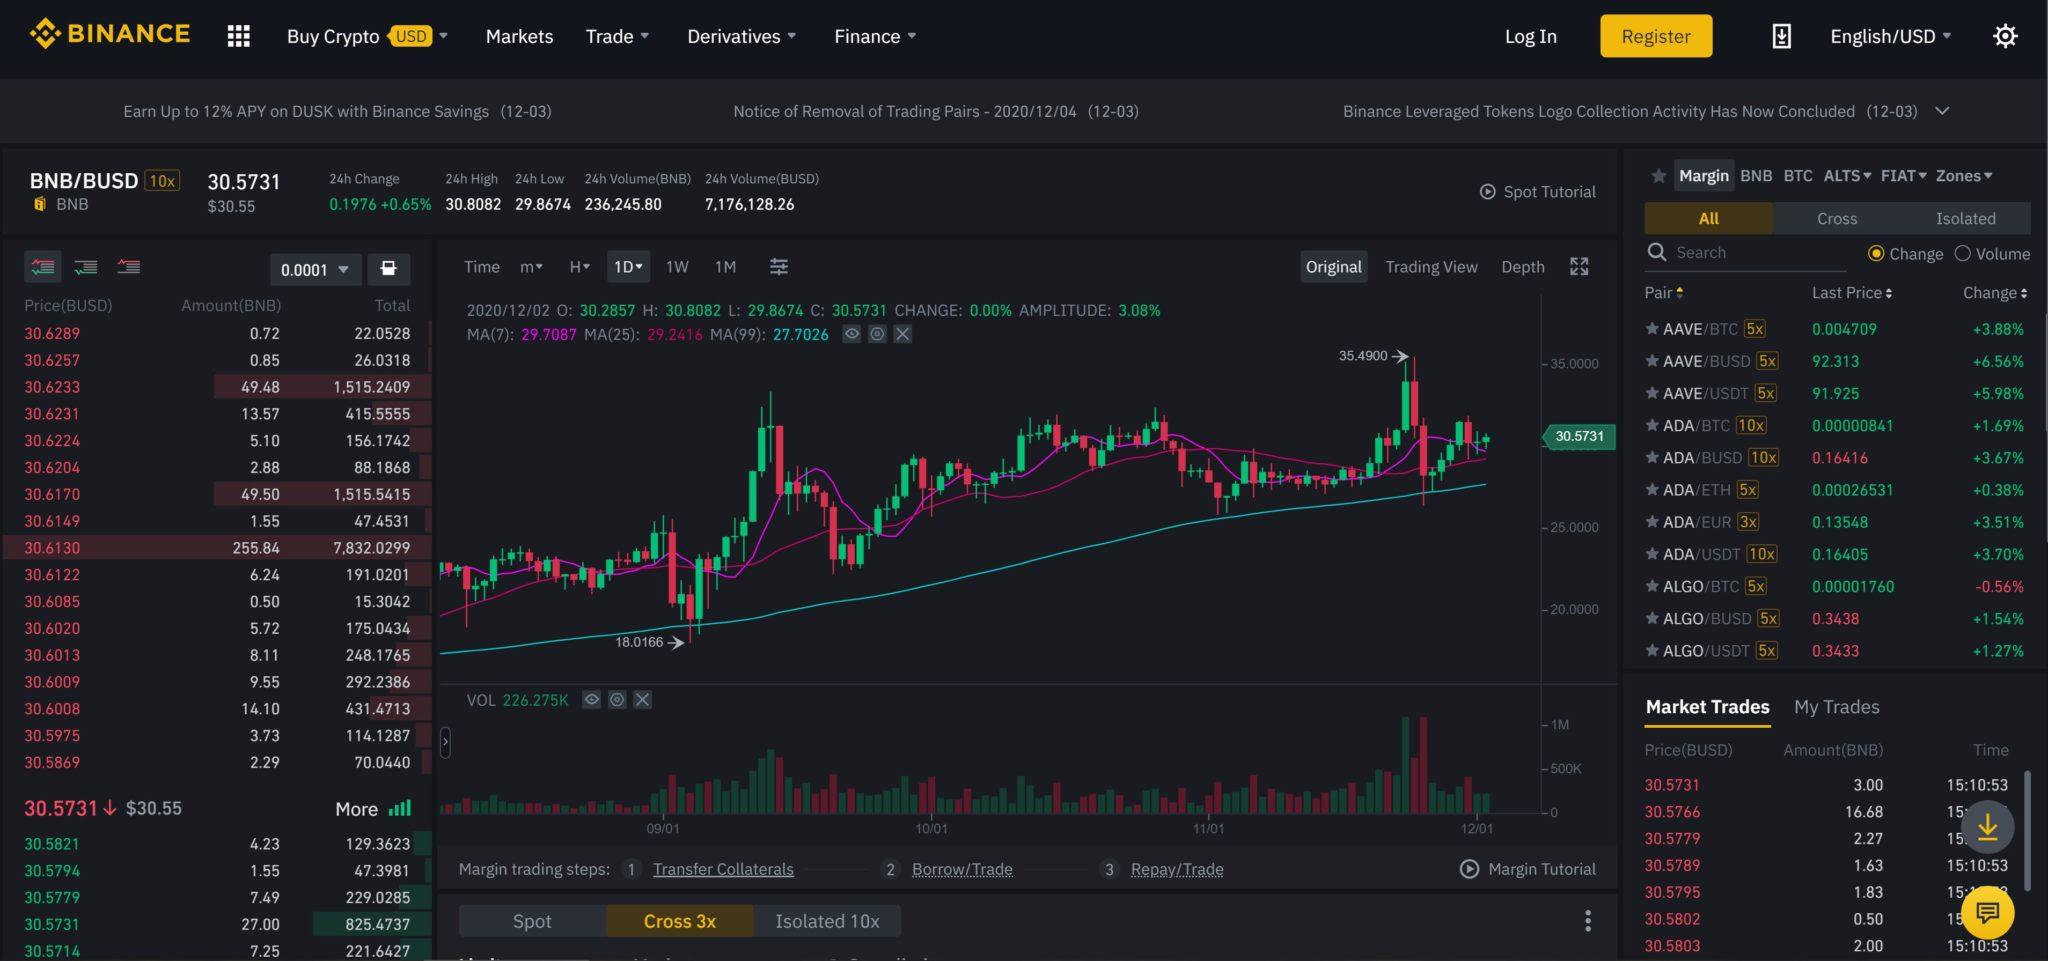 Binance Bitcoin Trading Platform